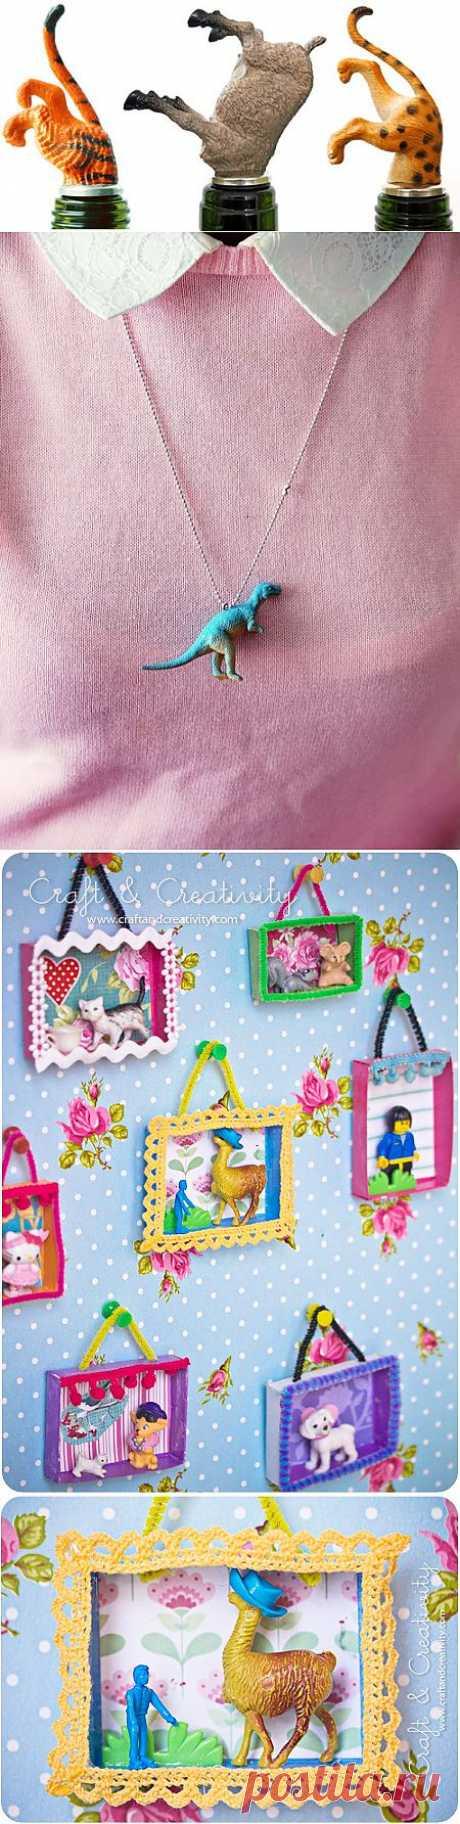 Коллекция идей применения мелких игрушек (2) / Детская комната / Модный сайт о стильной переделке одежды и интерьера